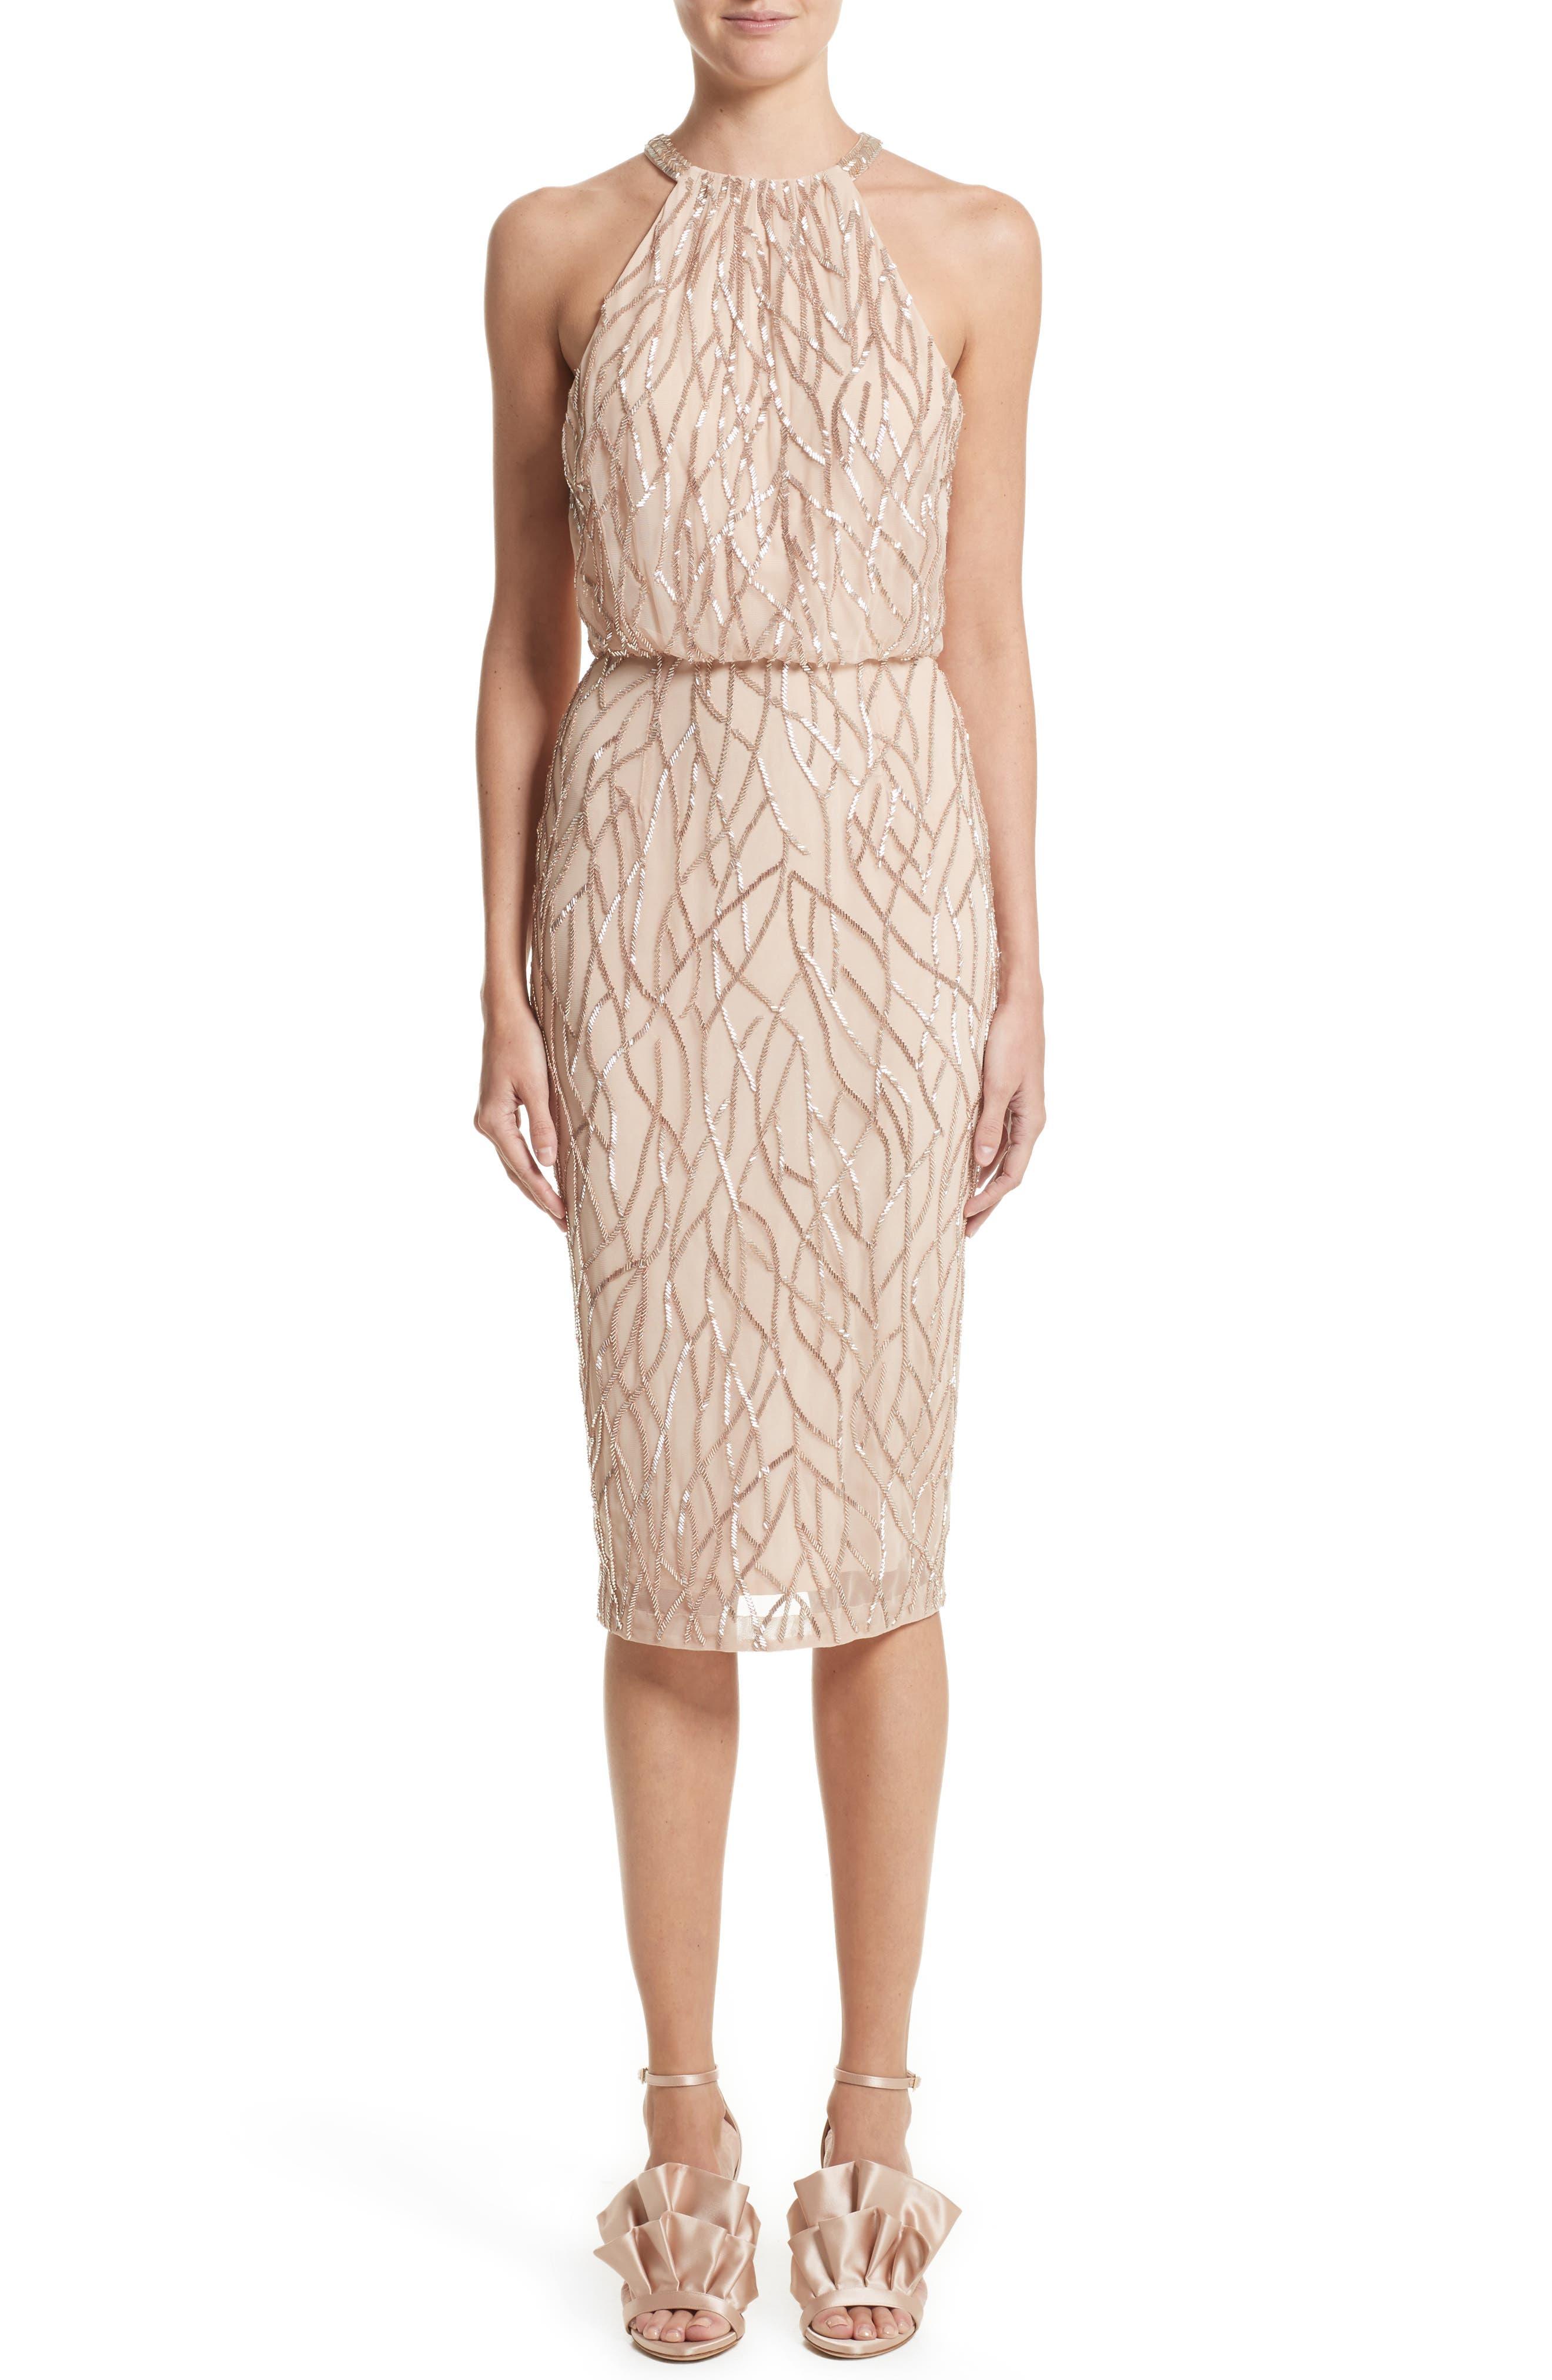 Toriana Beaded Halter Style Sheath Dress,                         Main,                         color, Powder